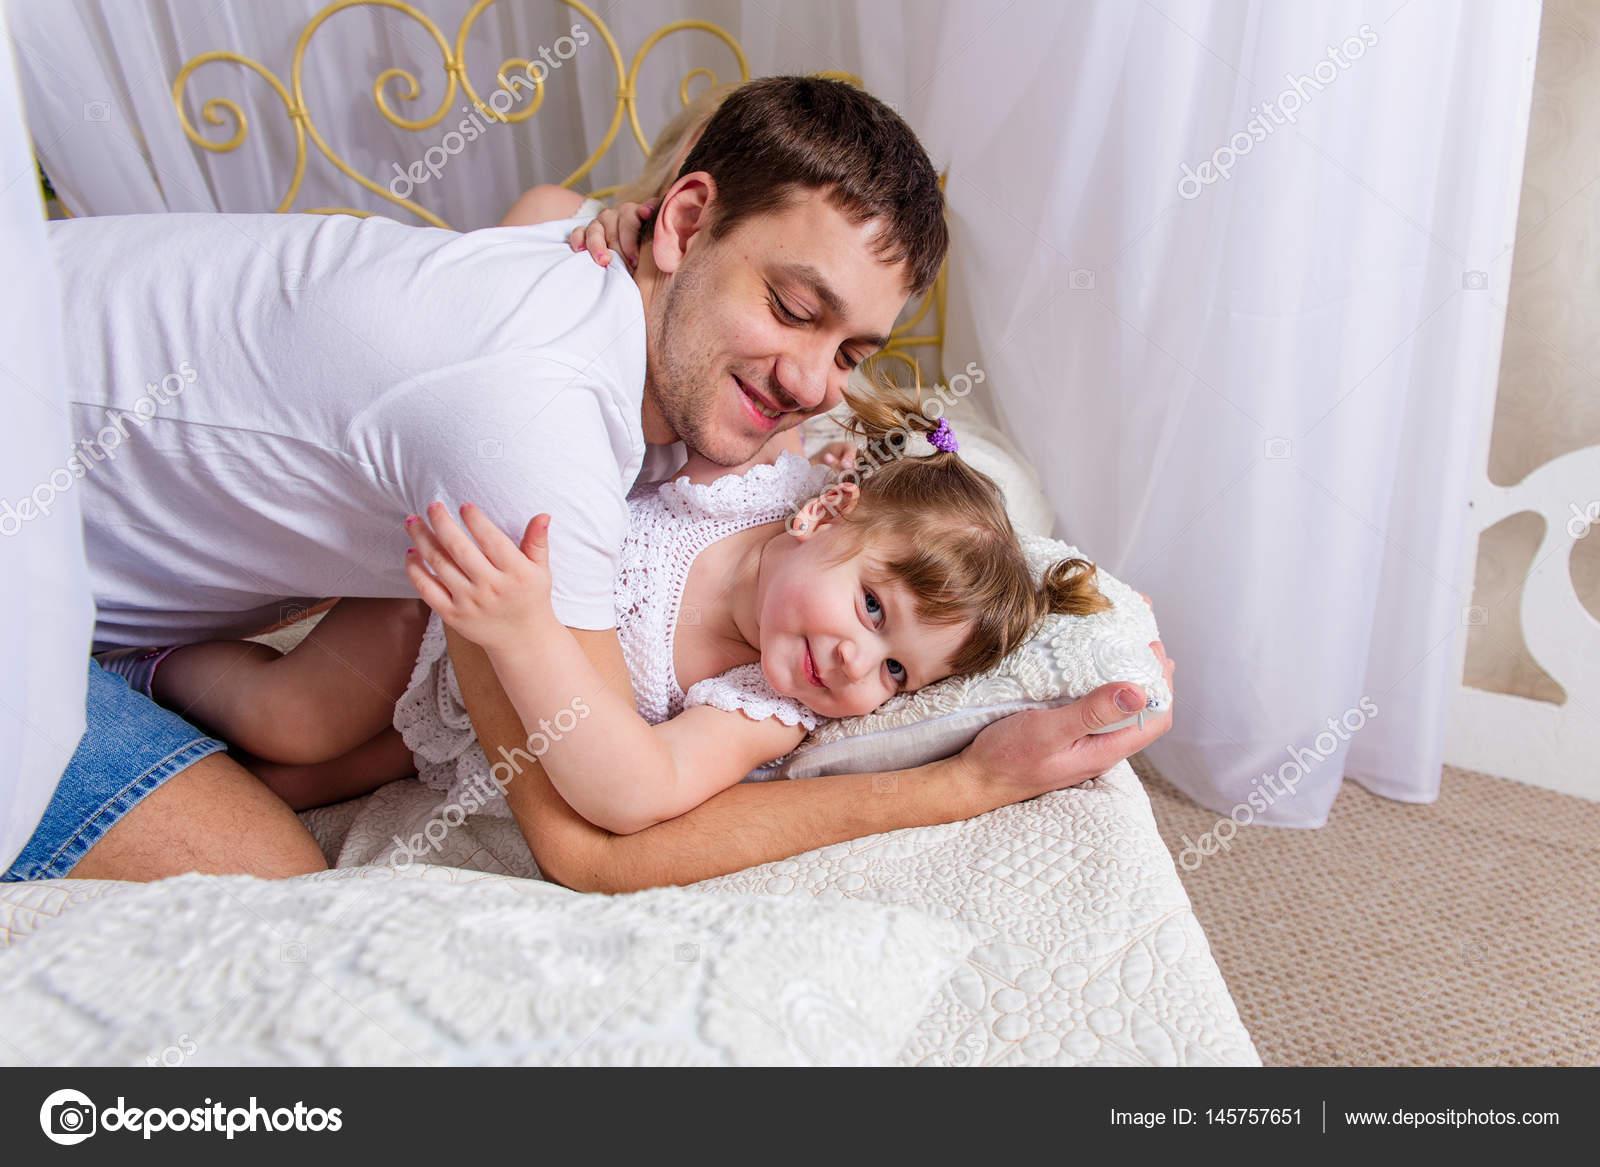 Фото секса пап с дочерьми, Секс папы с дочкой. Смотреть отец с дочкой порно фото 21 фотография